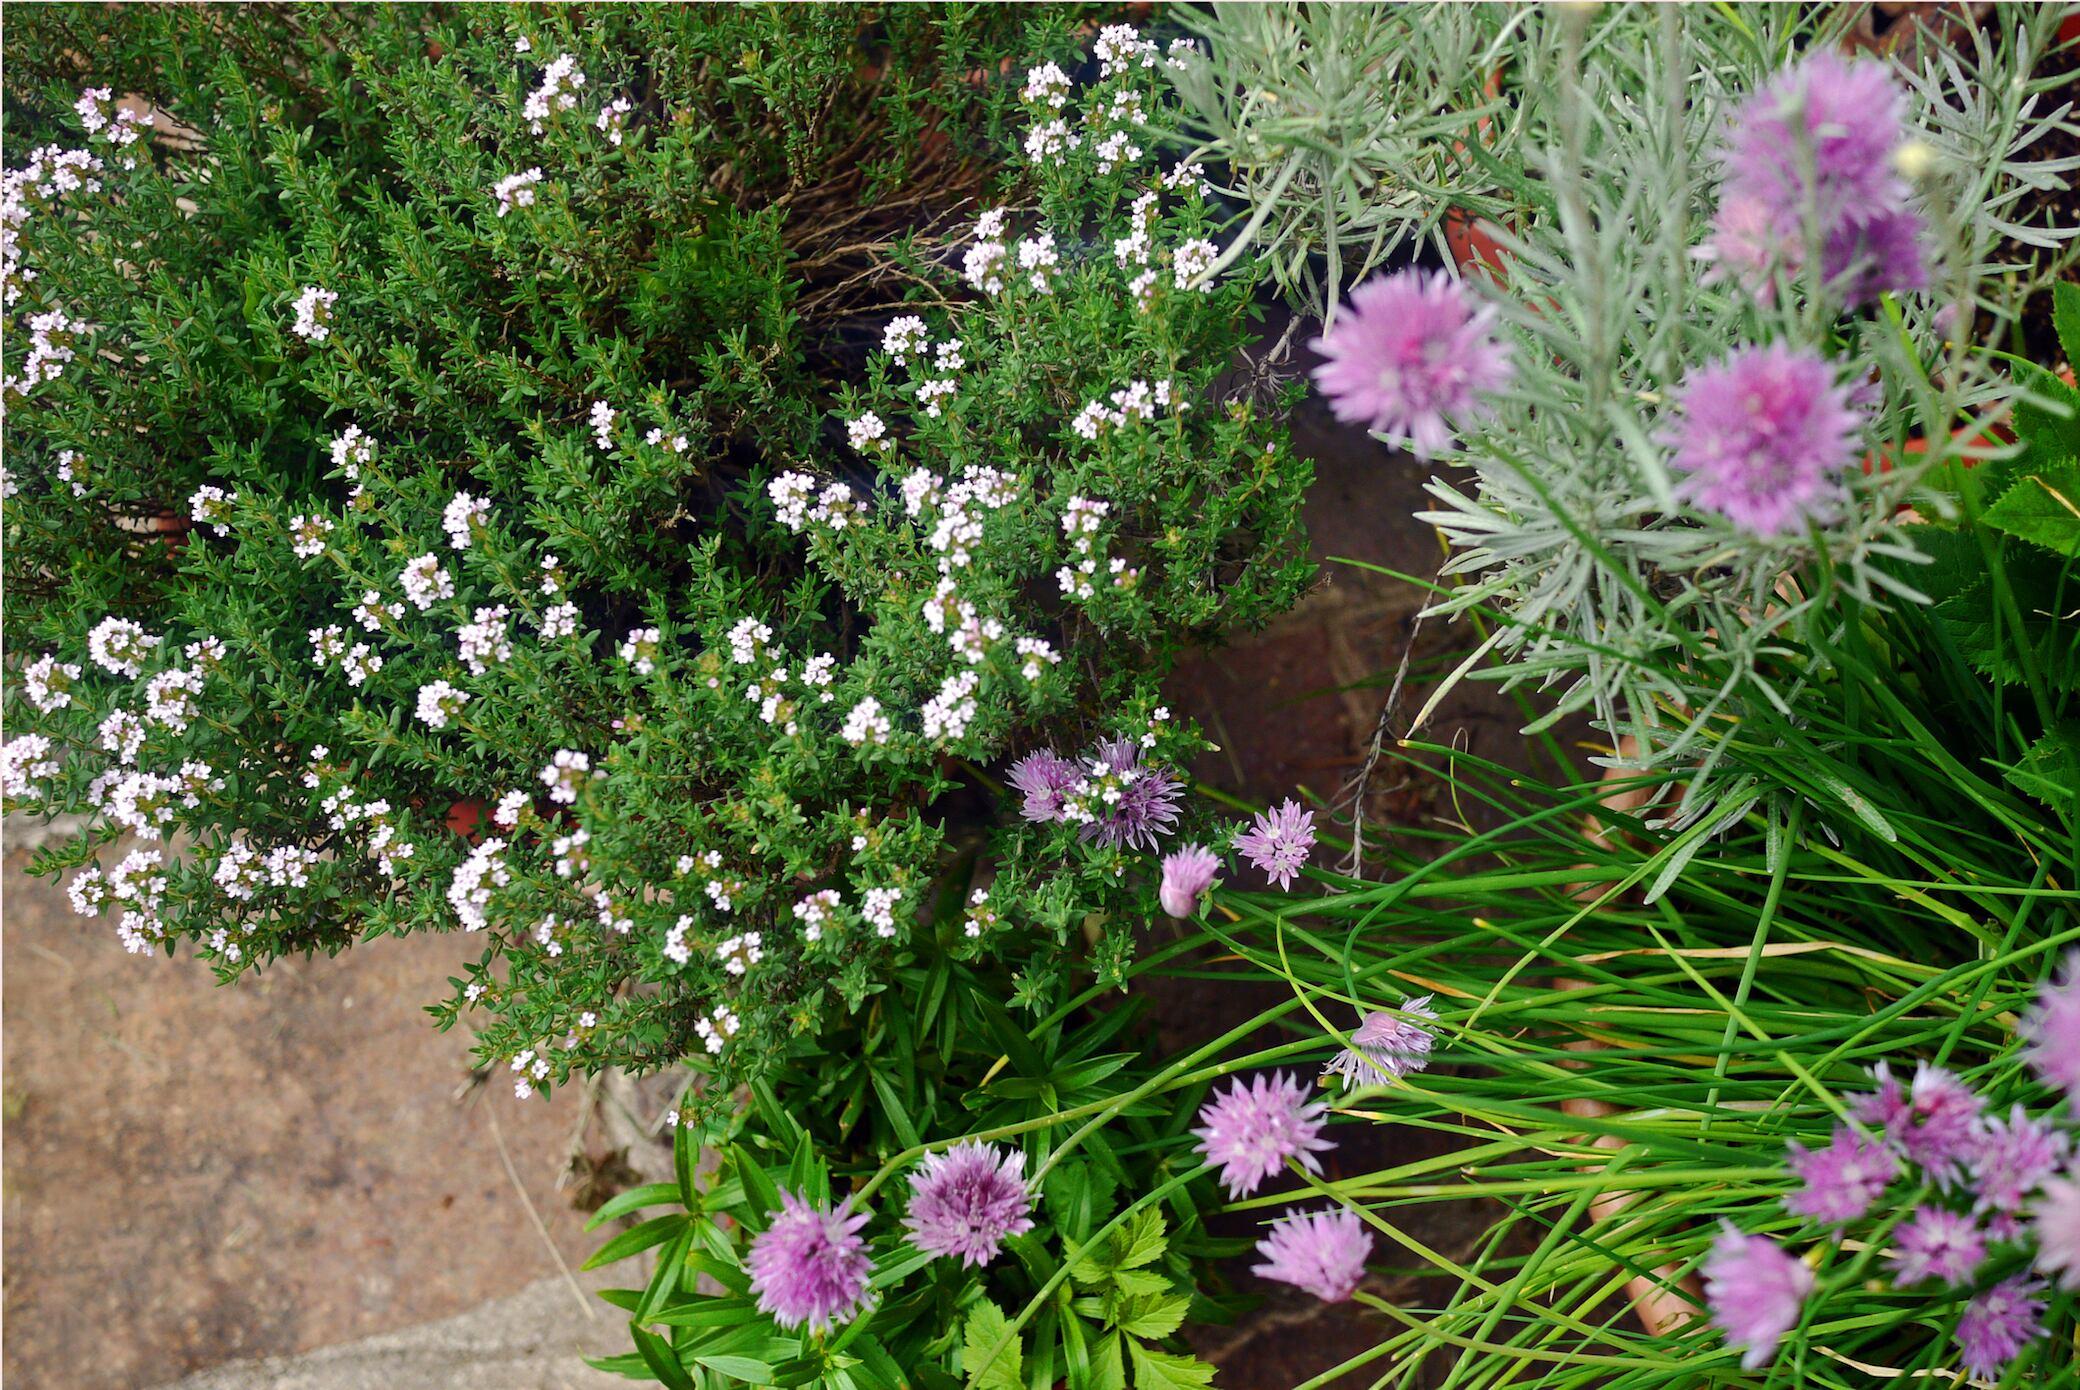 Hänge im Garten mit robusten Pflanzen besetzen